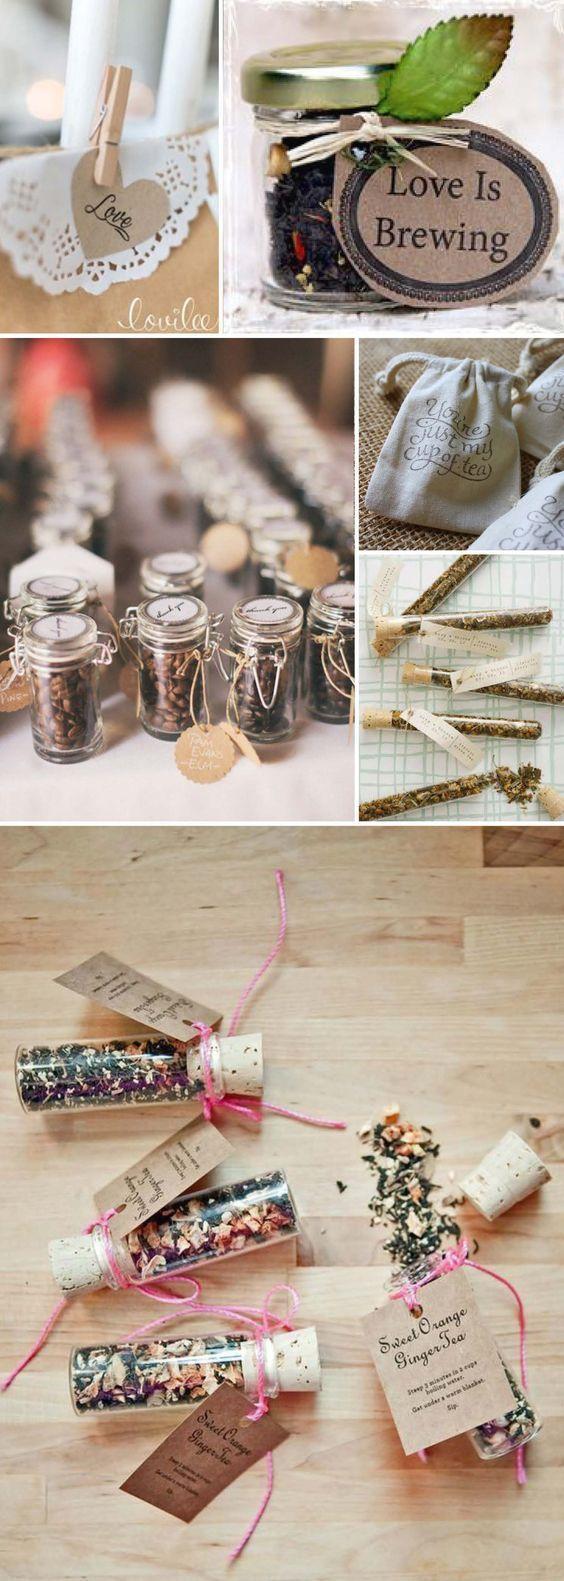 liebelein-will, Hochzeitsblog - Blog, Hochzeit, Tee 2